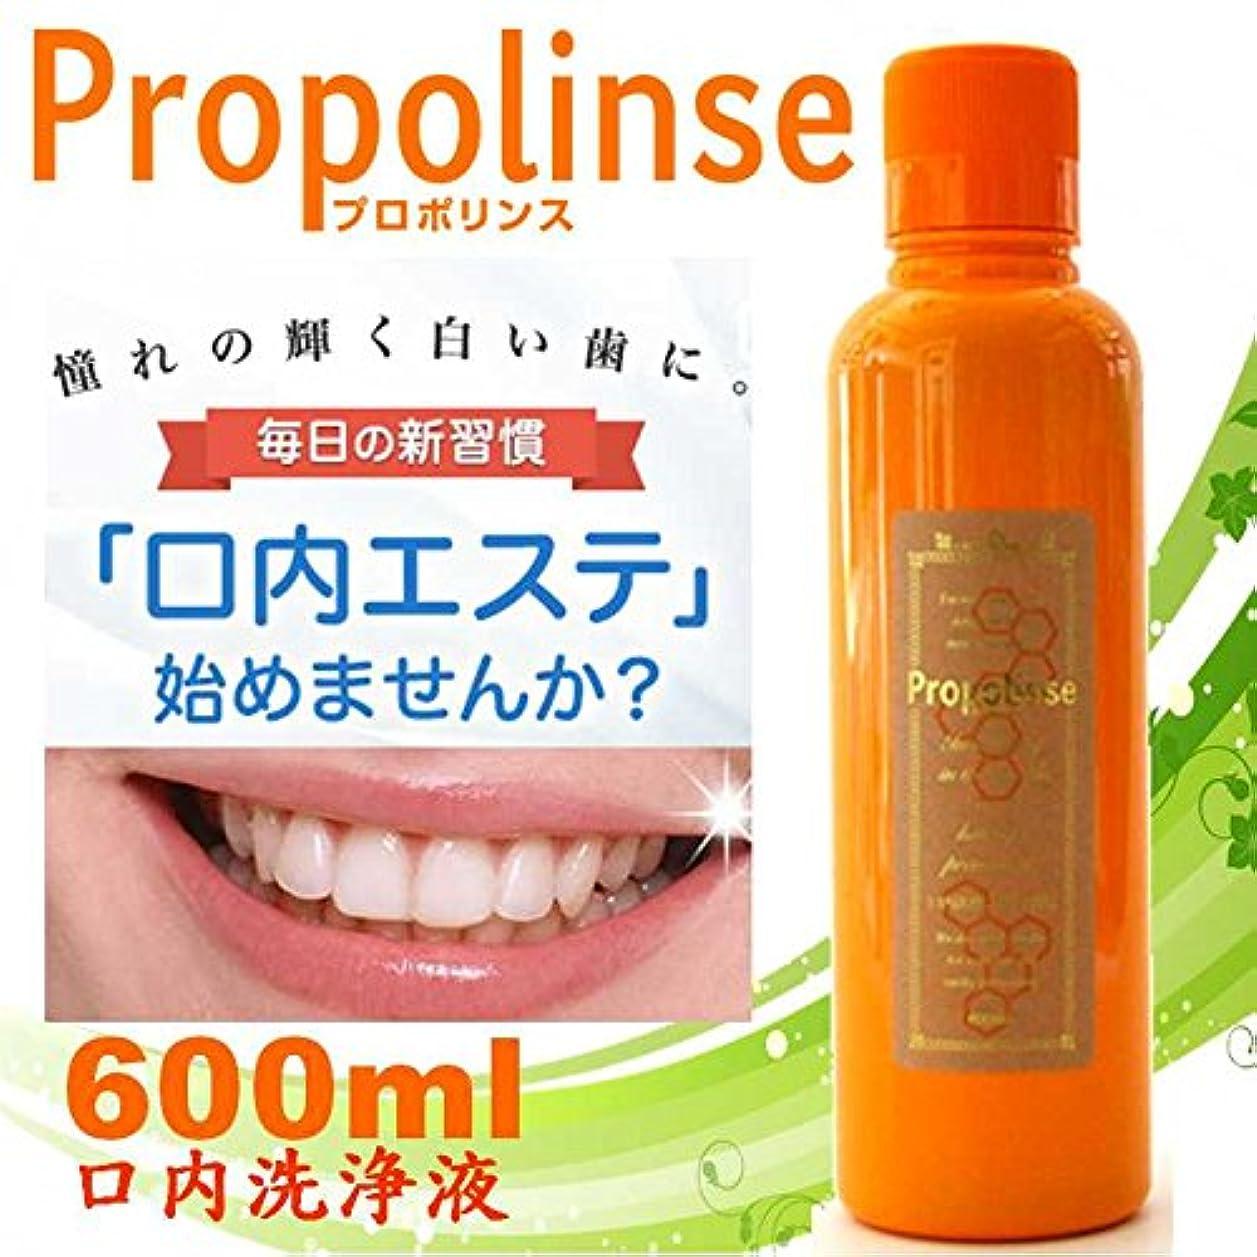 改修する集計夫Propolinse プロポリンス 600ml×30本 洗口液 口内洗浄